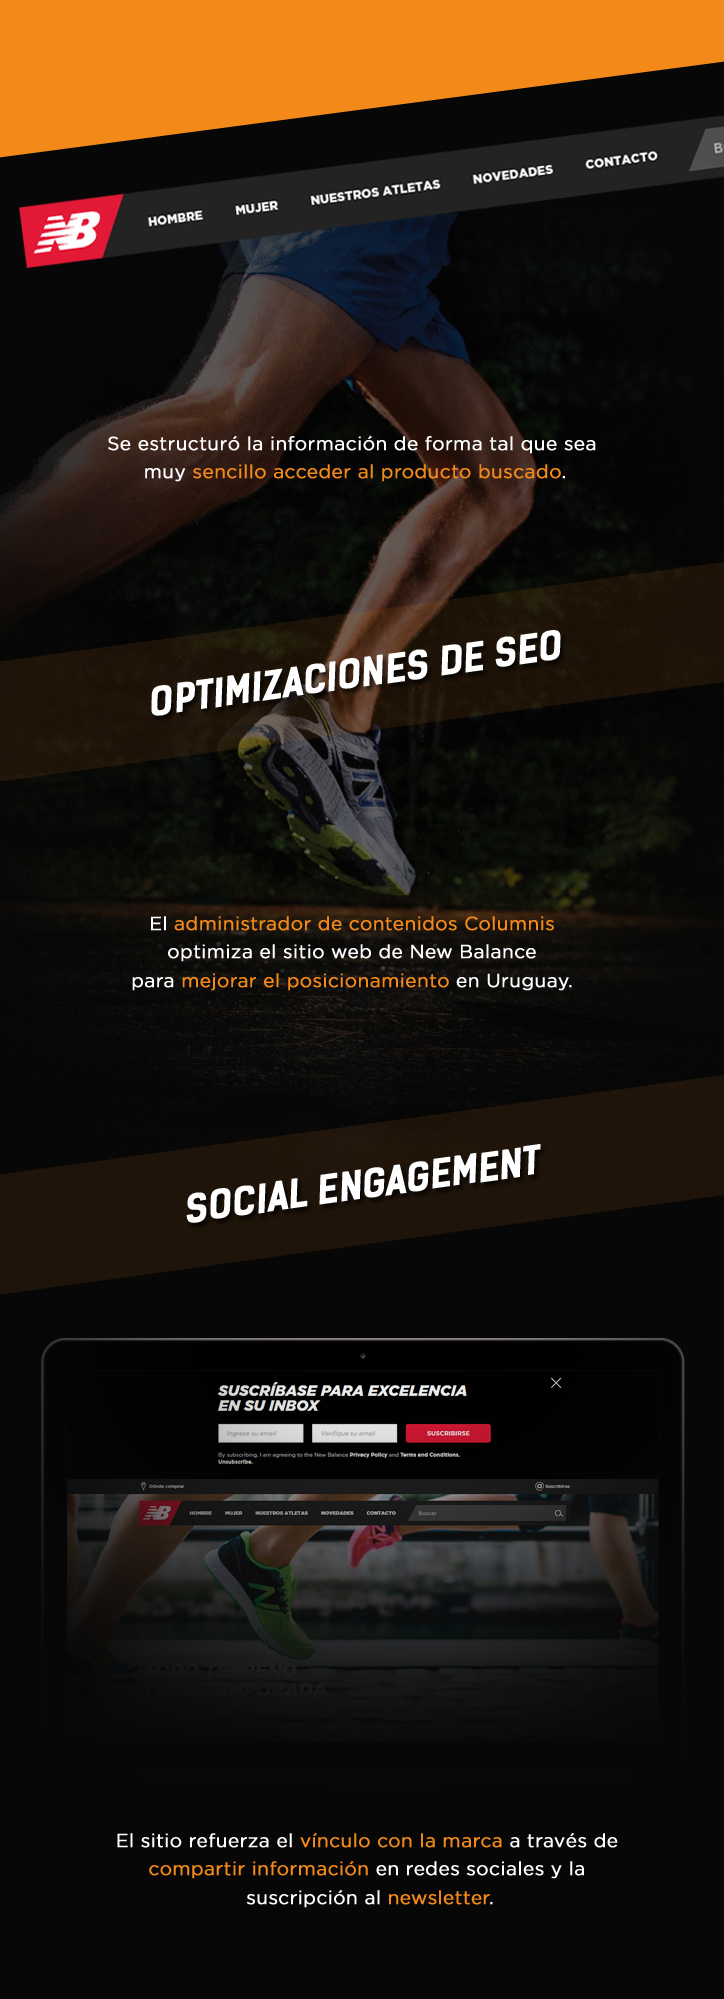 Optimizaciones de SEO, Social Engagement,